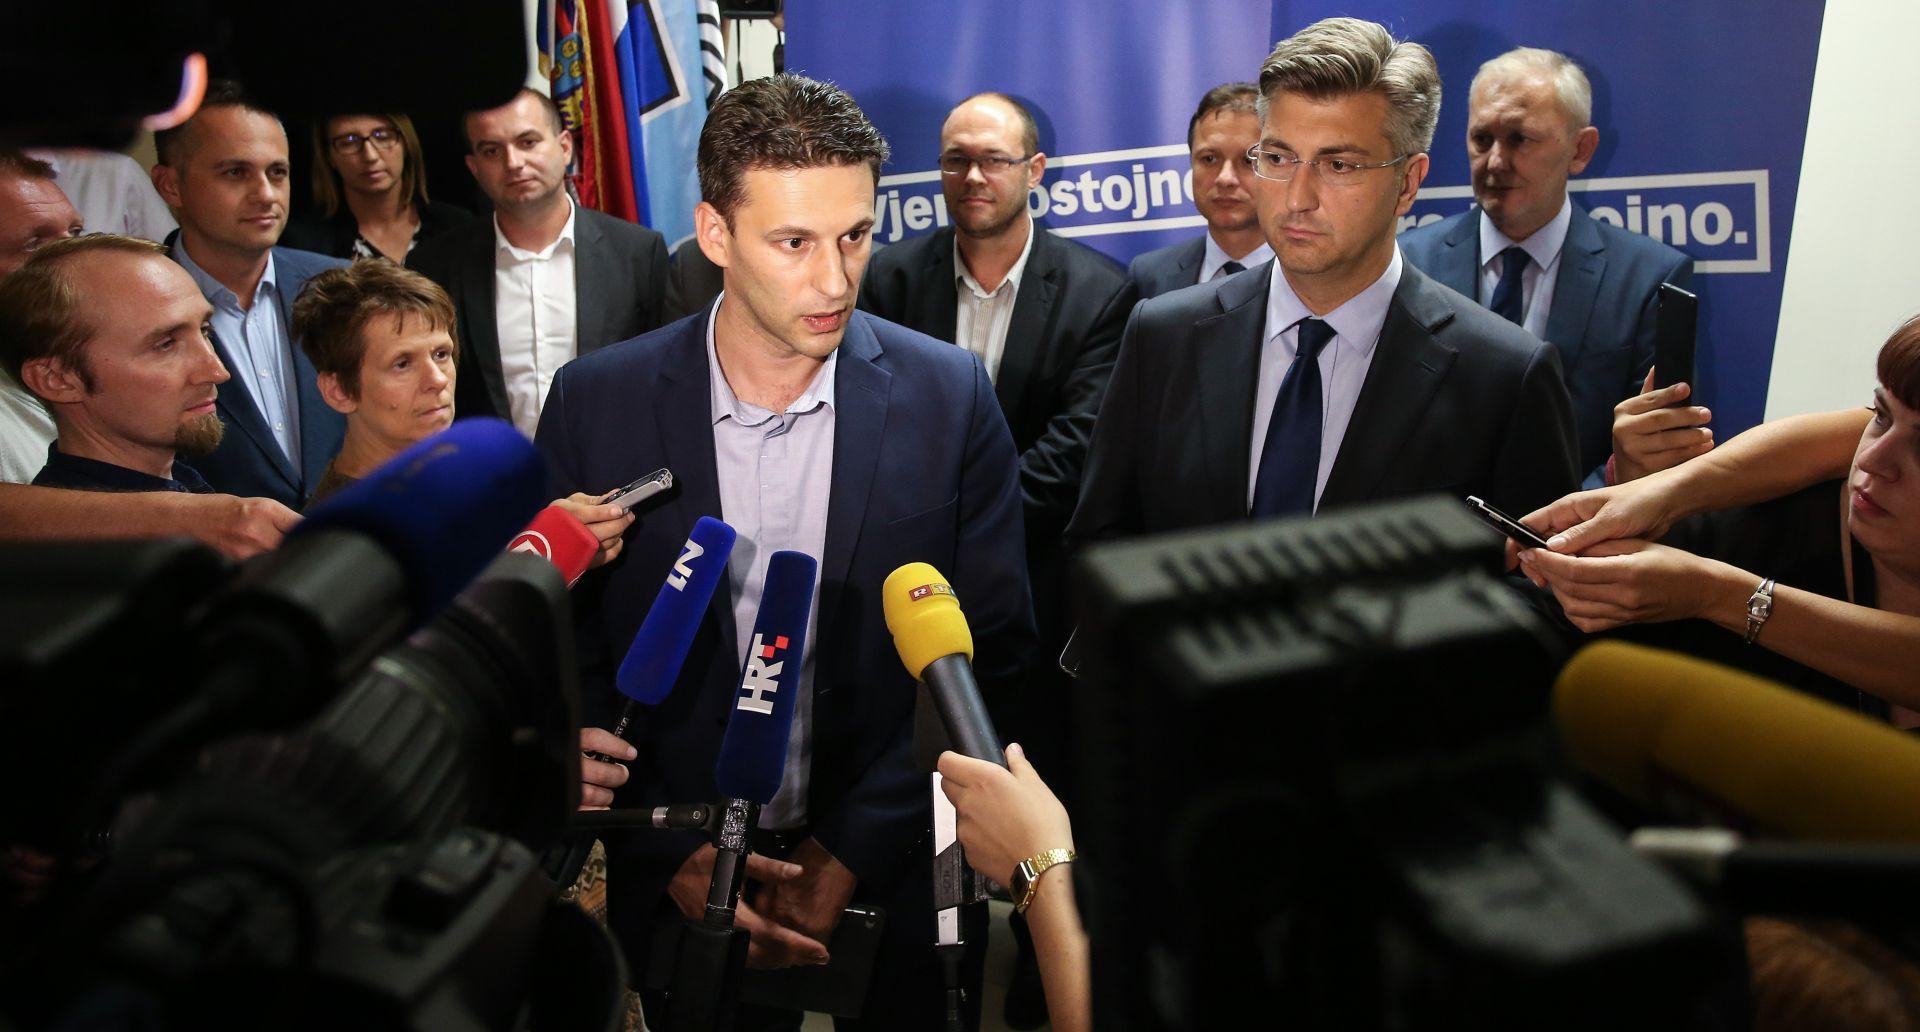 HDZ I MOST ZADOVOLJNI PREGOVORIMA Petrov: 'Svih sedam jamstava je ono što Hrvatskoj treba'